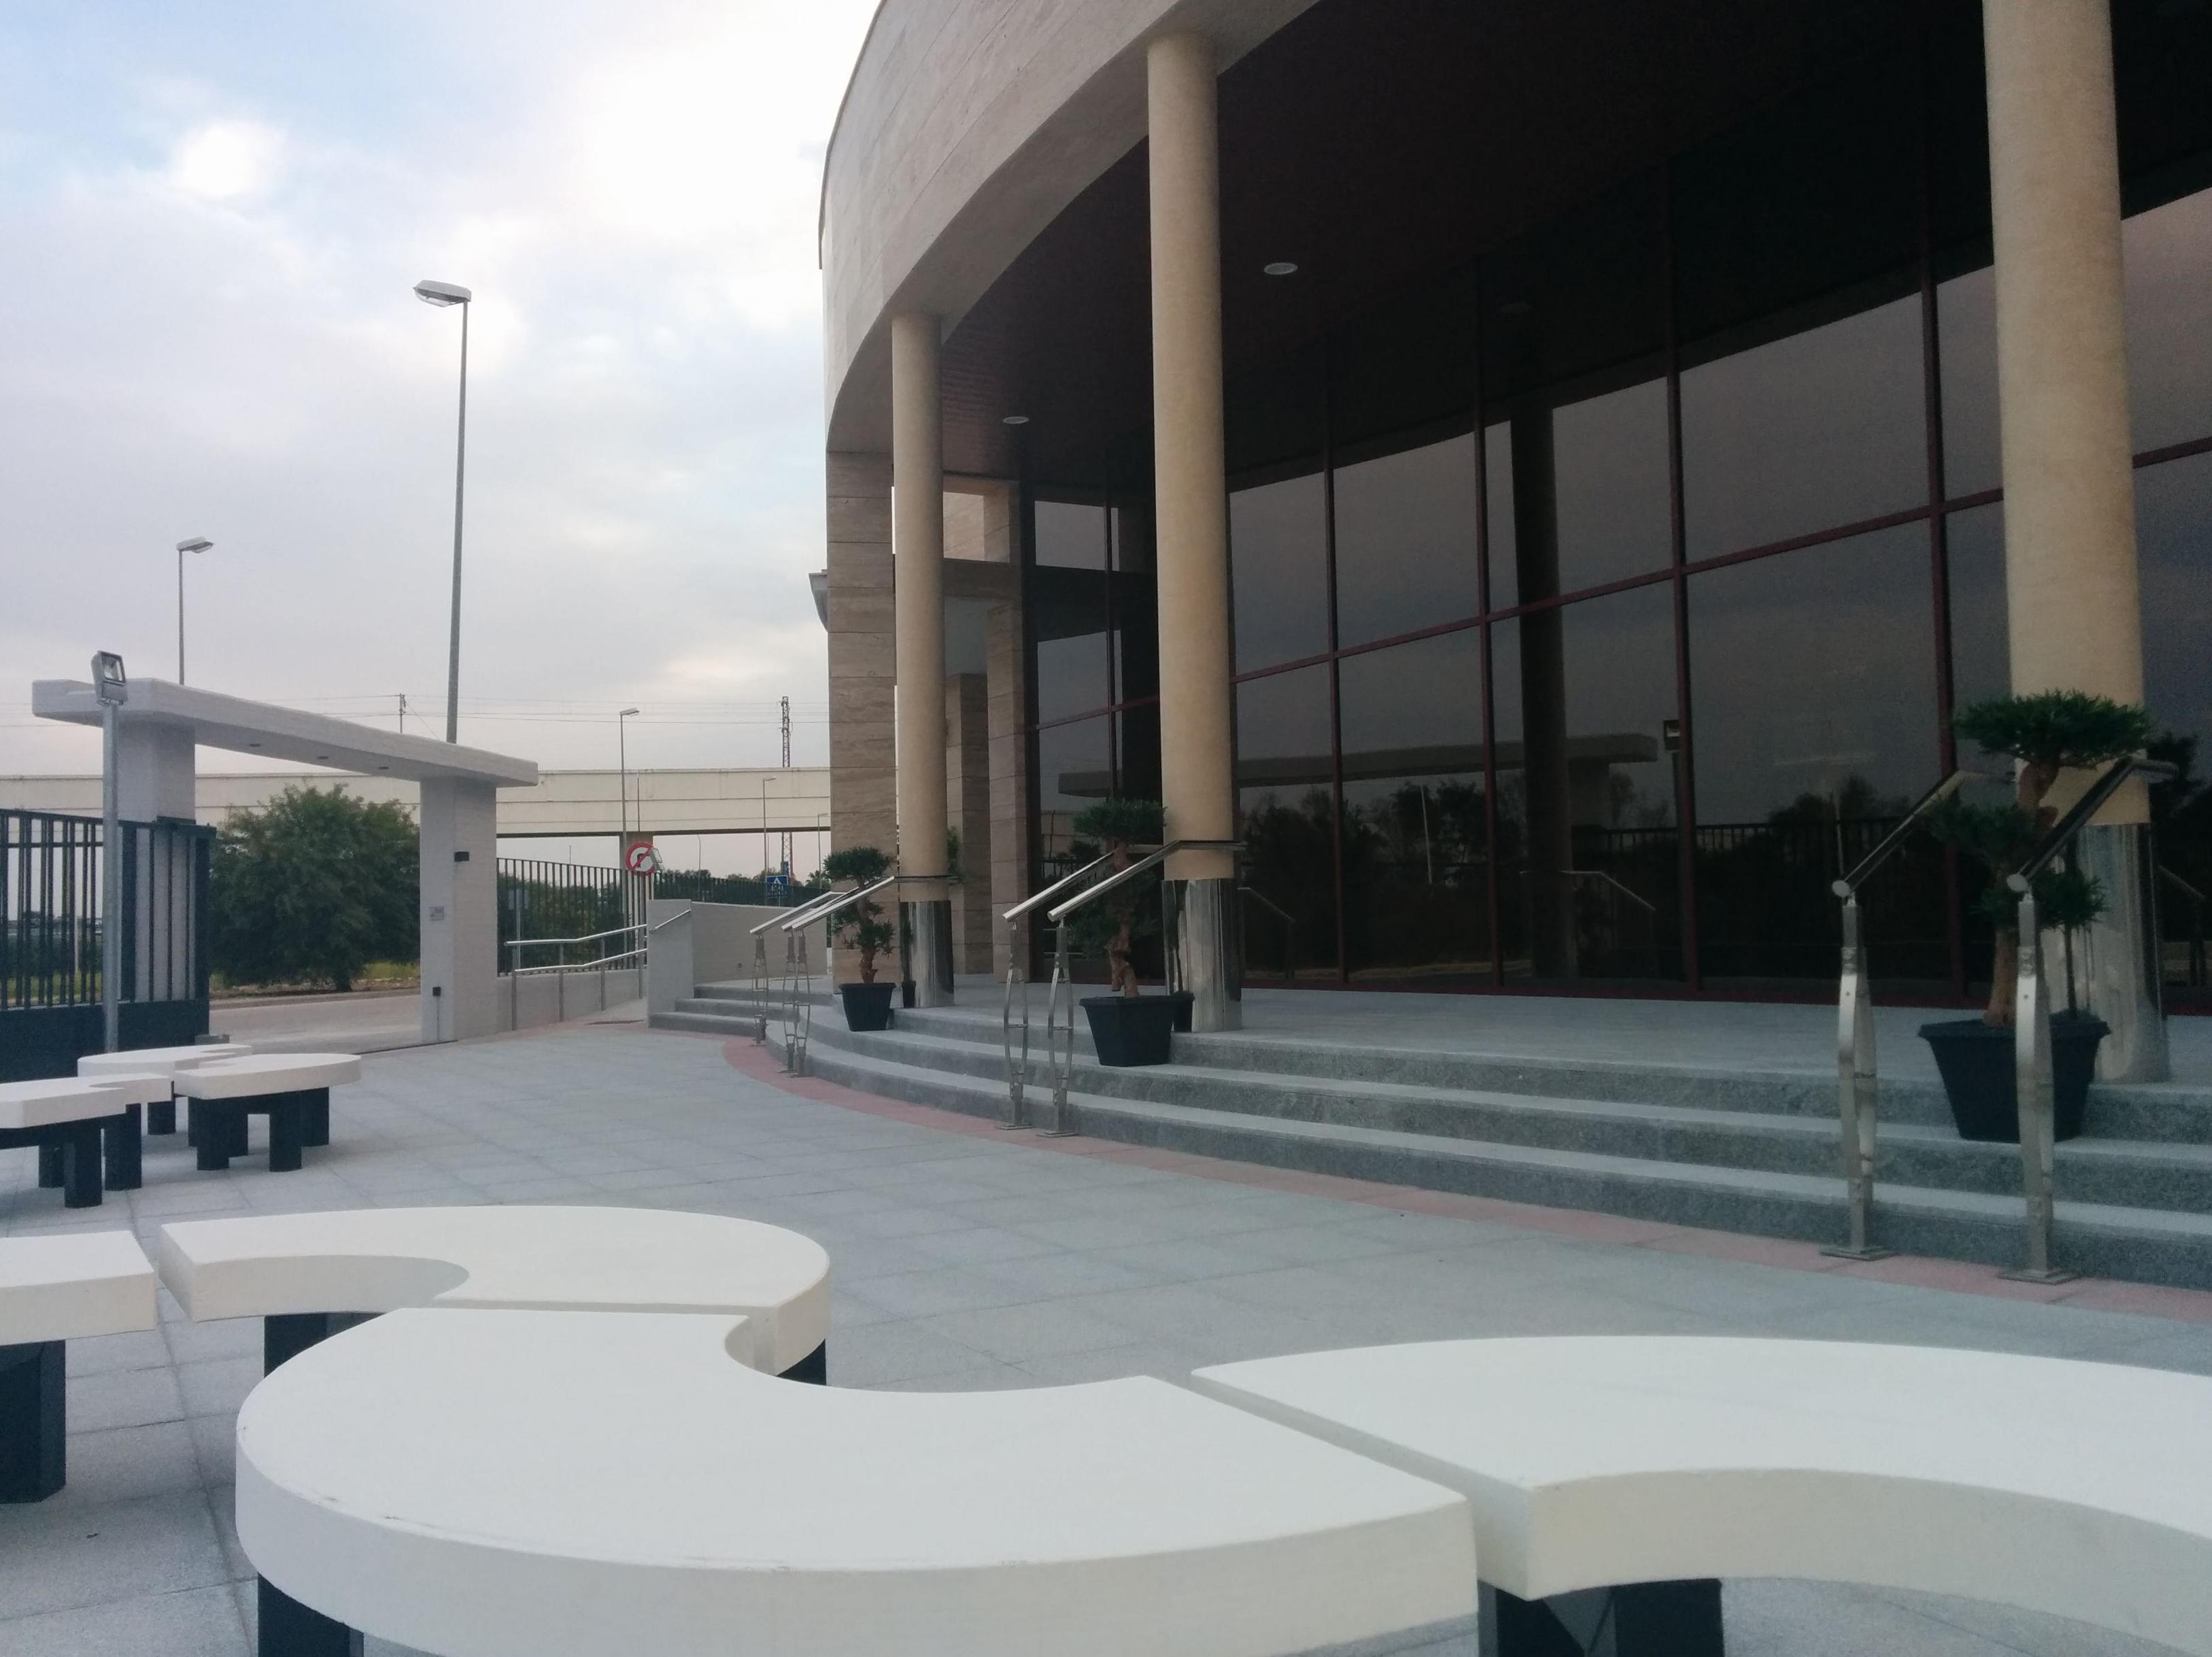 Foto 5 de Funerarias en Camas | Tanatorio Crematorio de Camas - Funeraria Los Ángeles